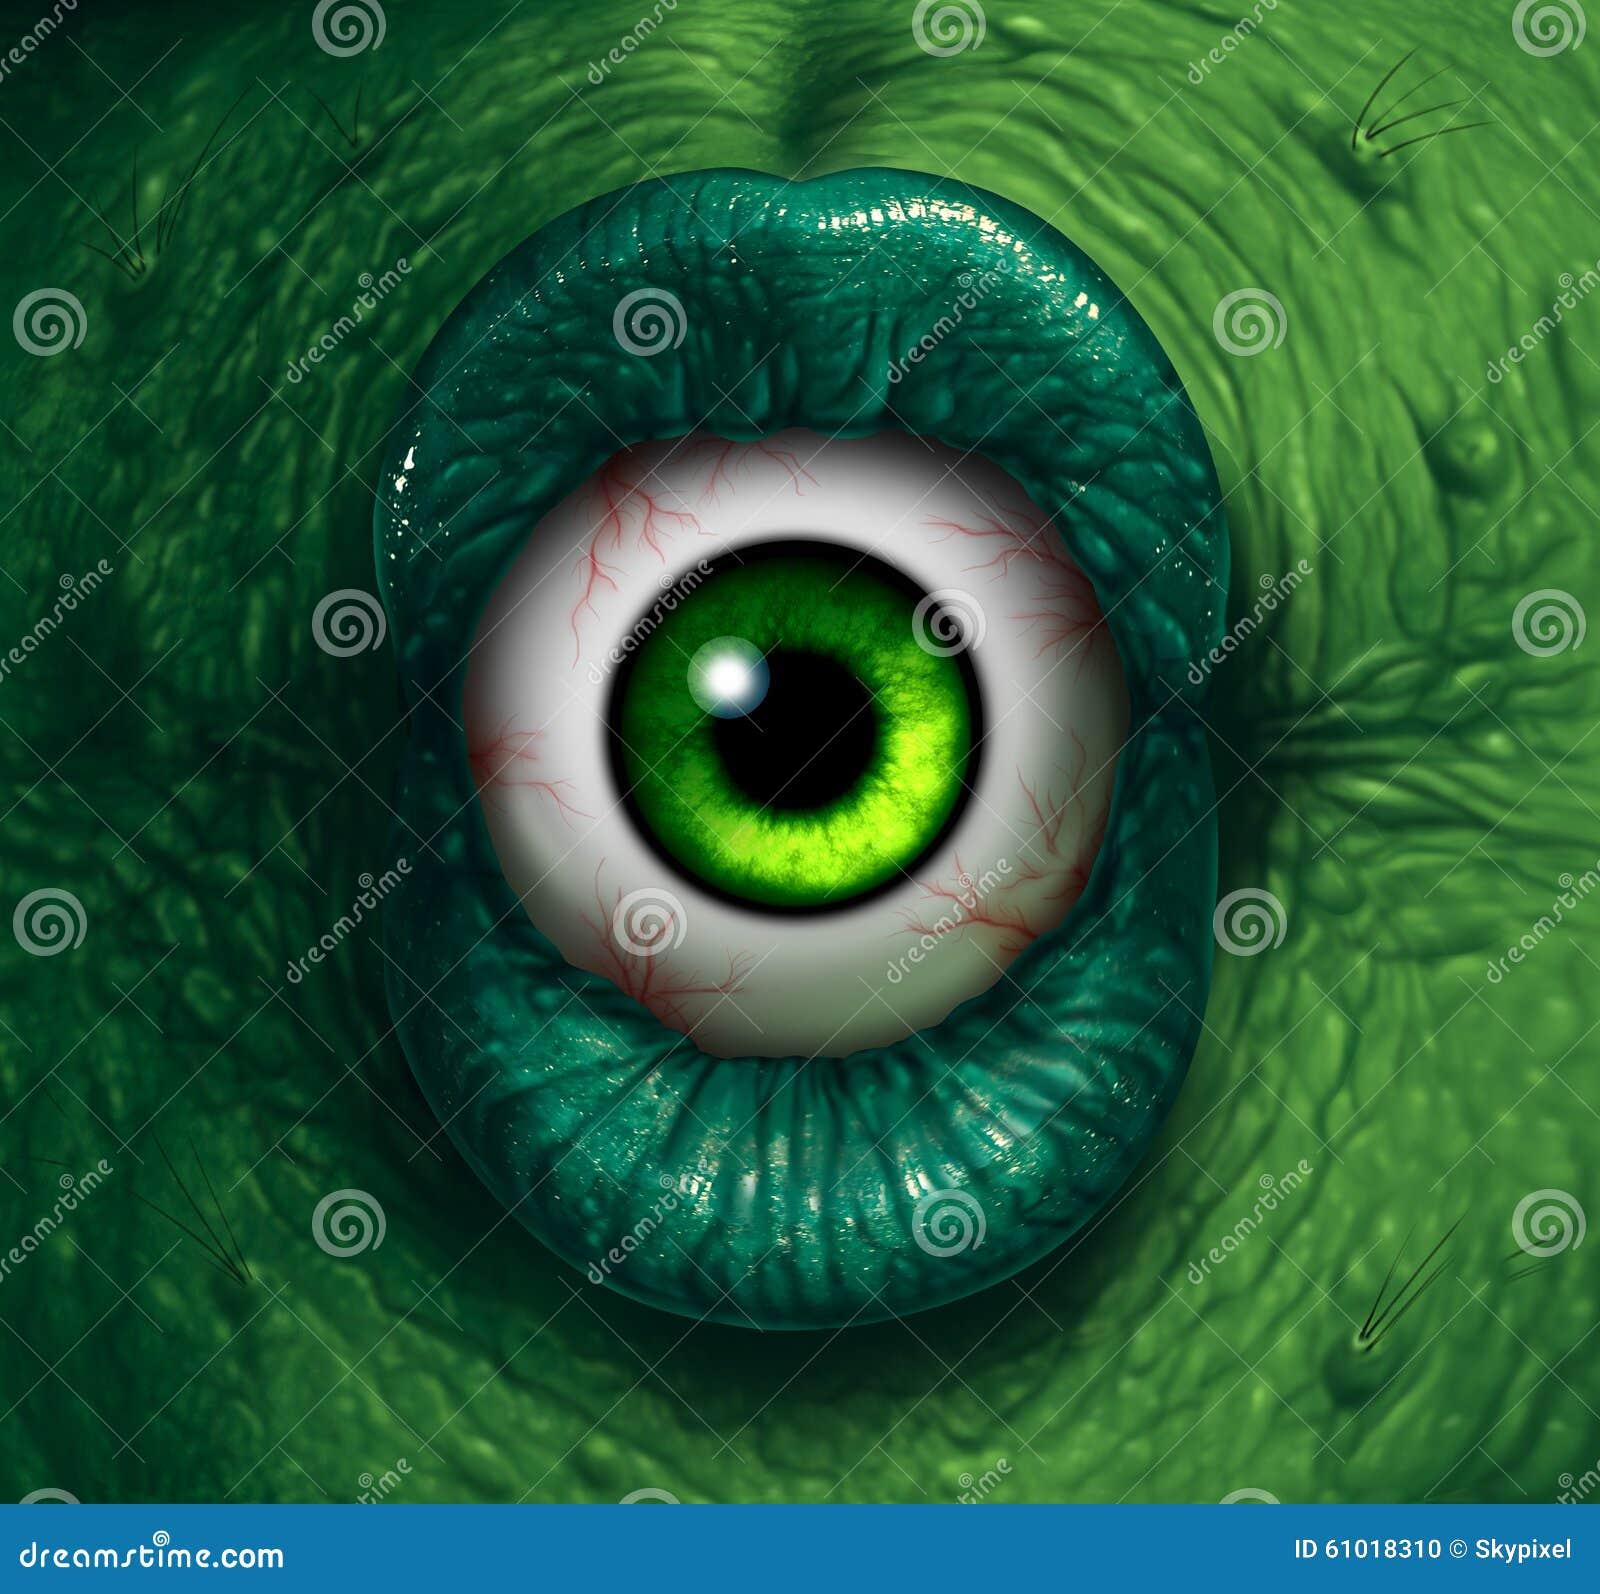 Monster Eye Stock Illustration - Image: 61018310